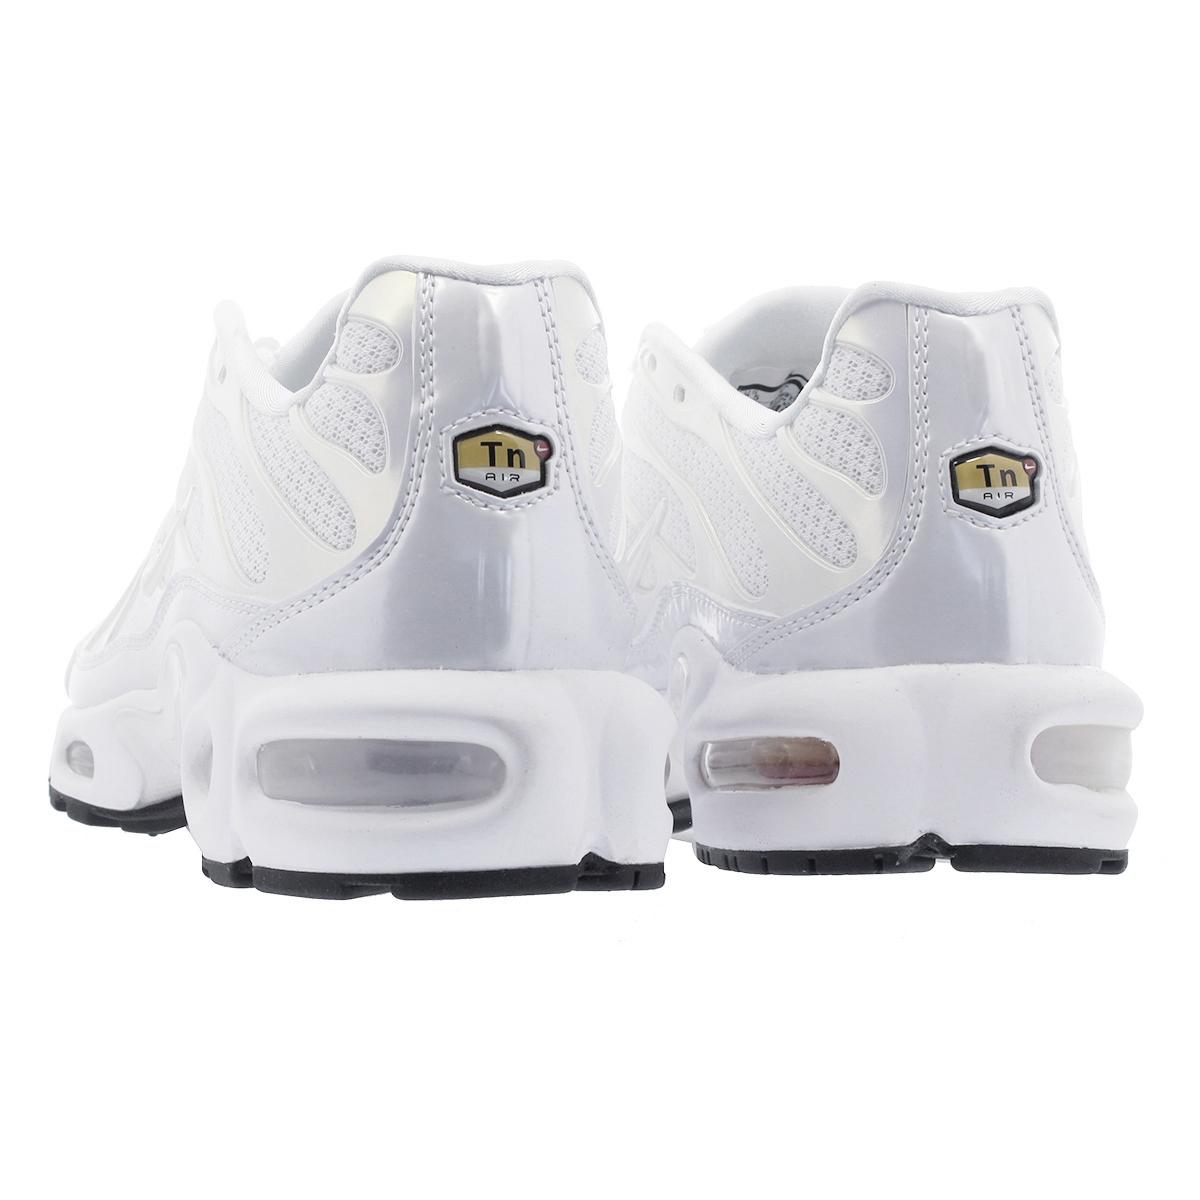 size 40 3e3f8 dbd8e ... 848891 003 2b633 9a779 australia nike wmns air max plus premium nike  women air max plus premium white white white ...